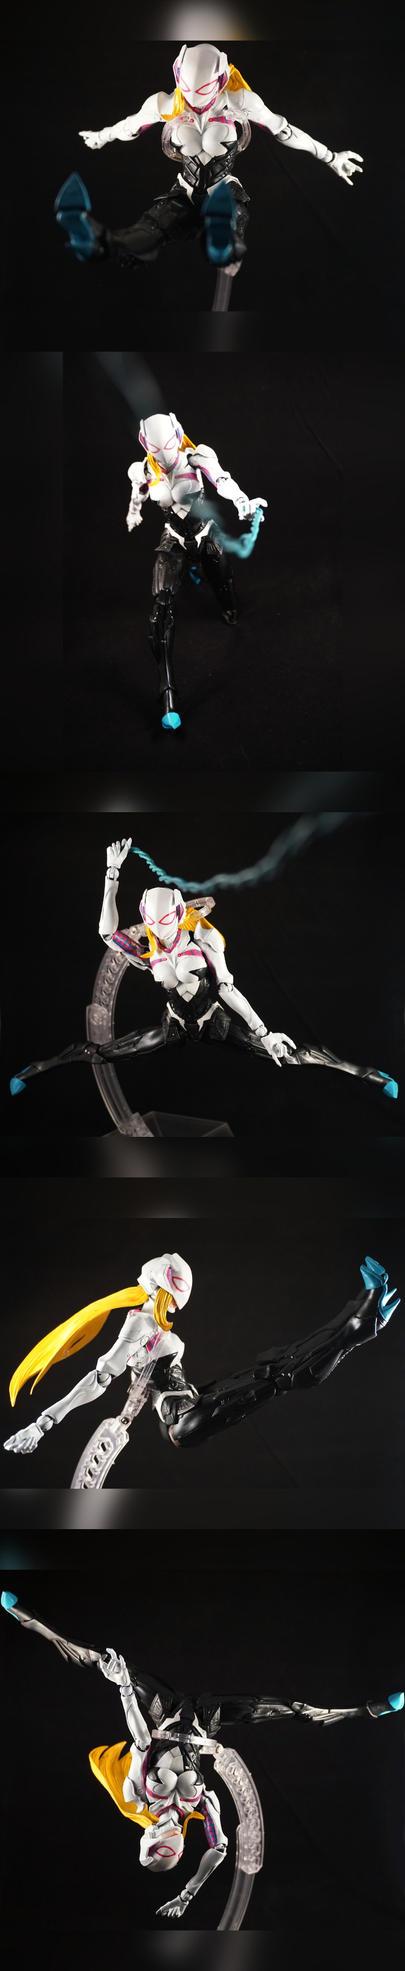 PAK Spider-Gwen Custom Figure by TrueError